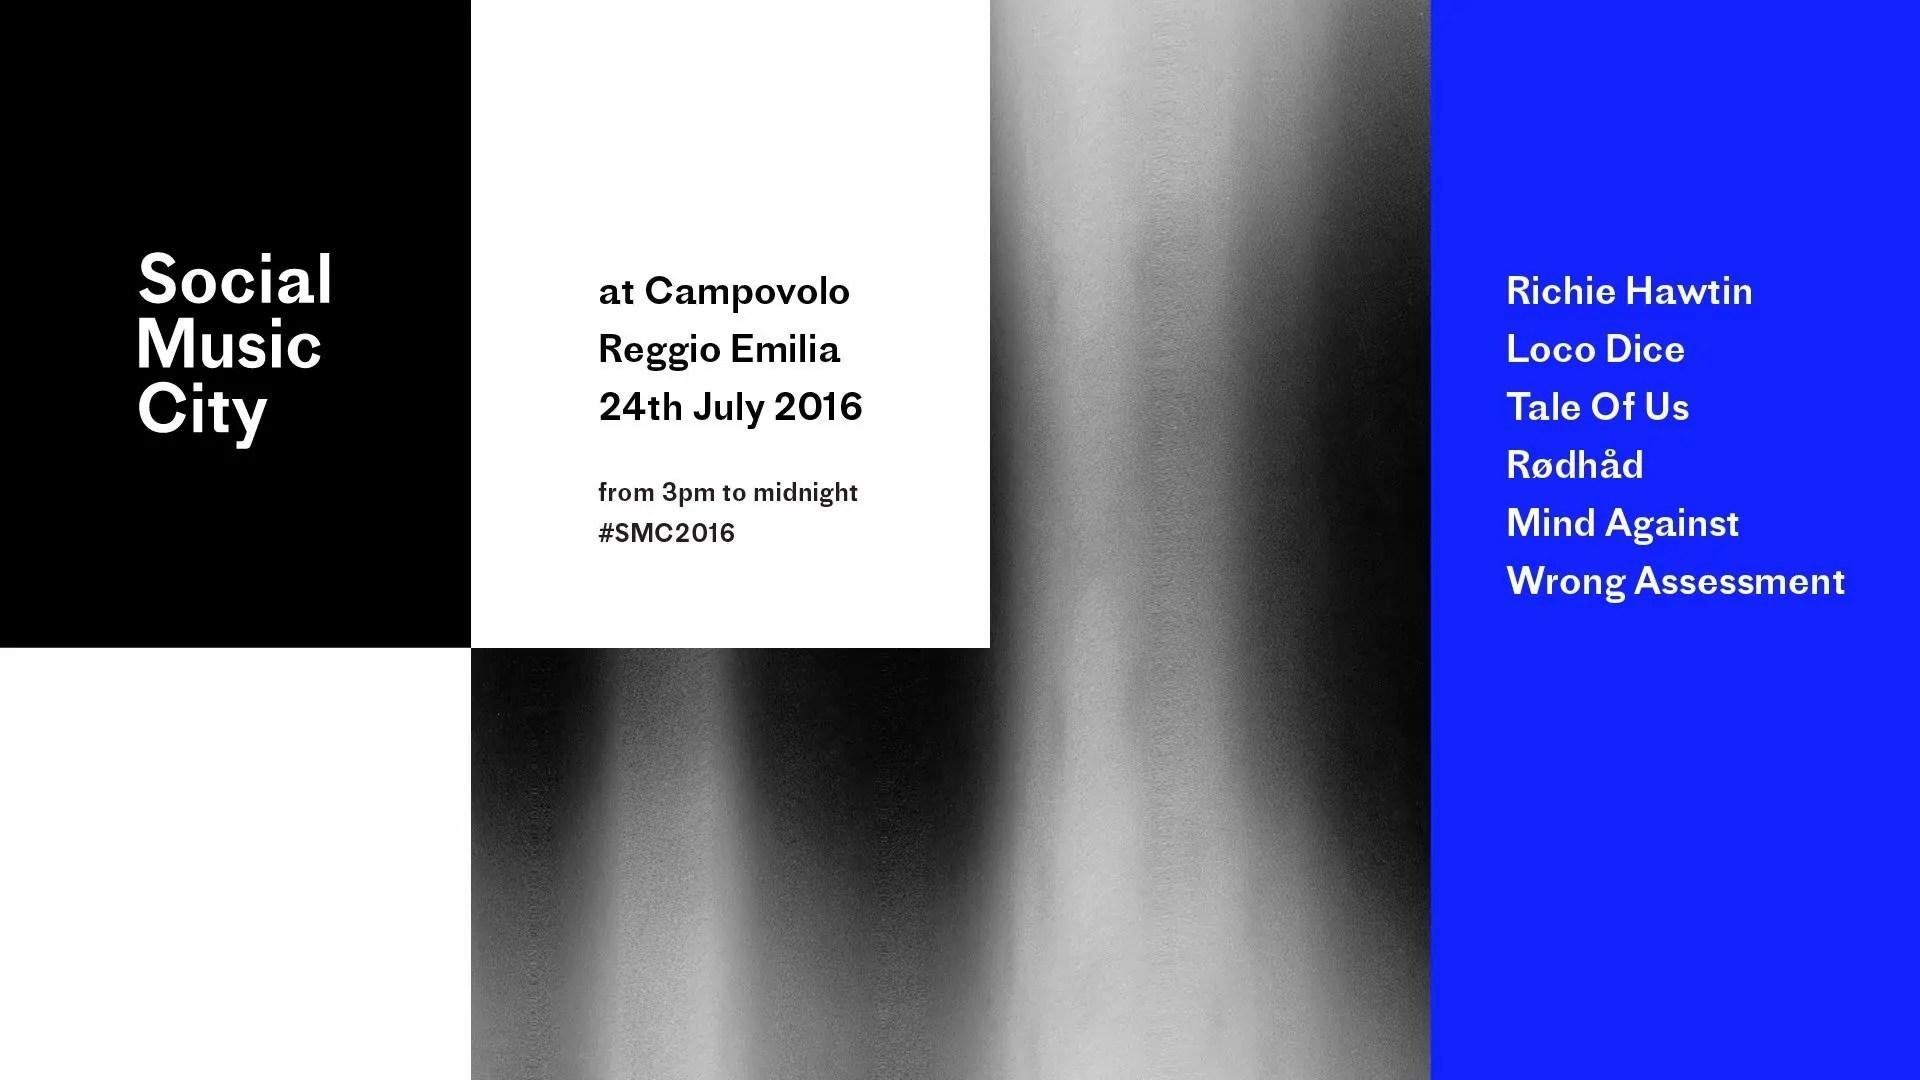 Social Music City Campovolo 24 Luglio 2016